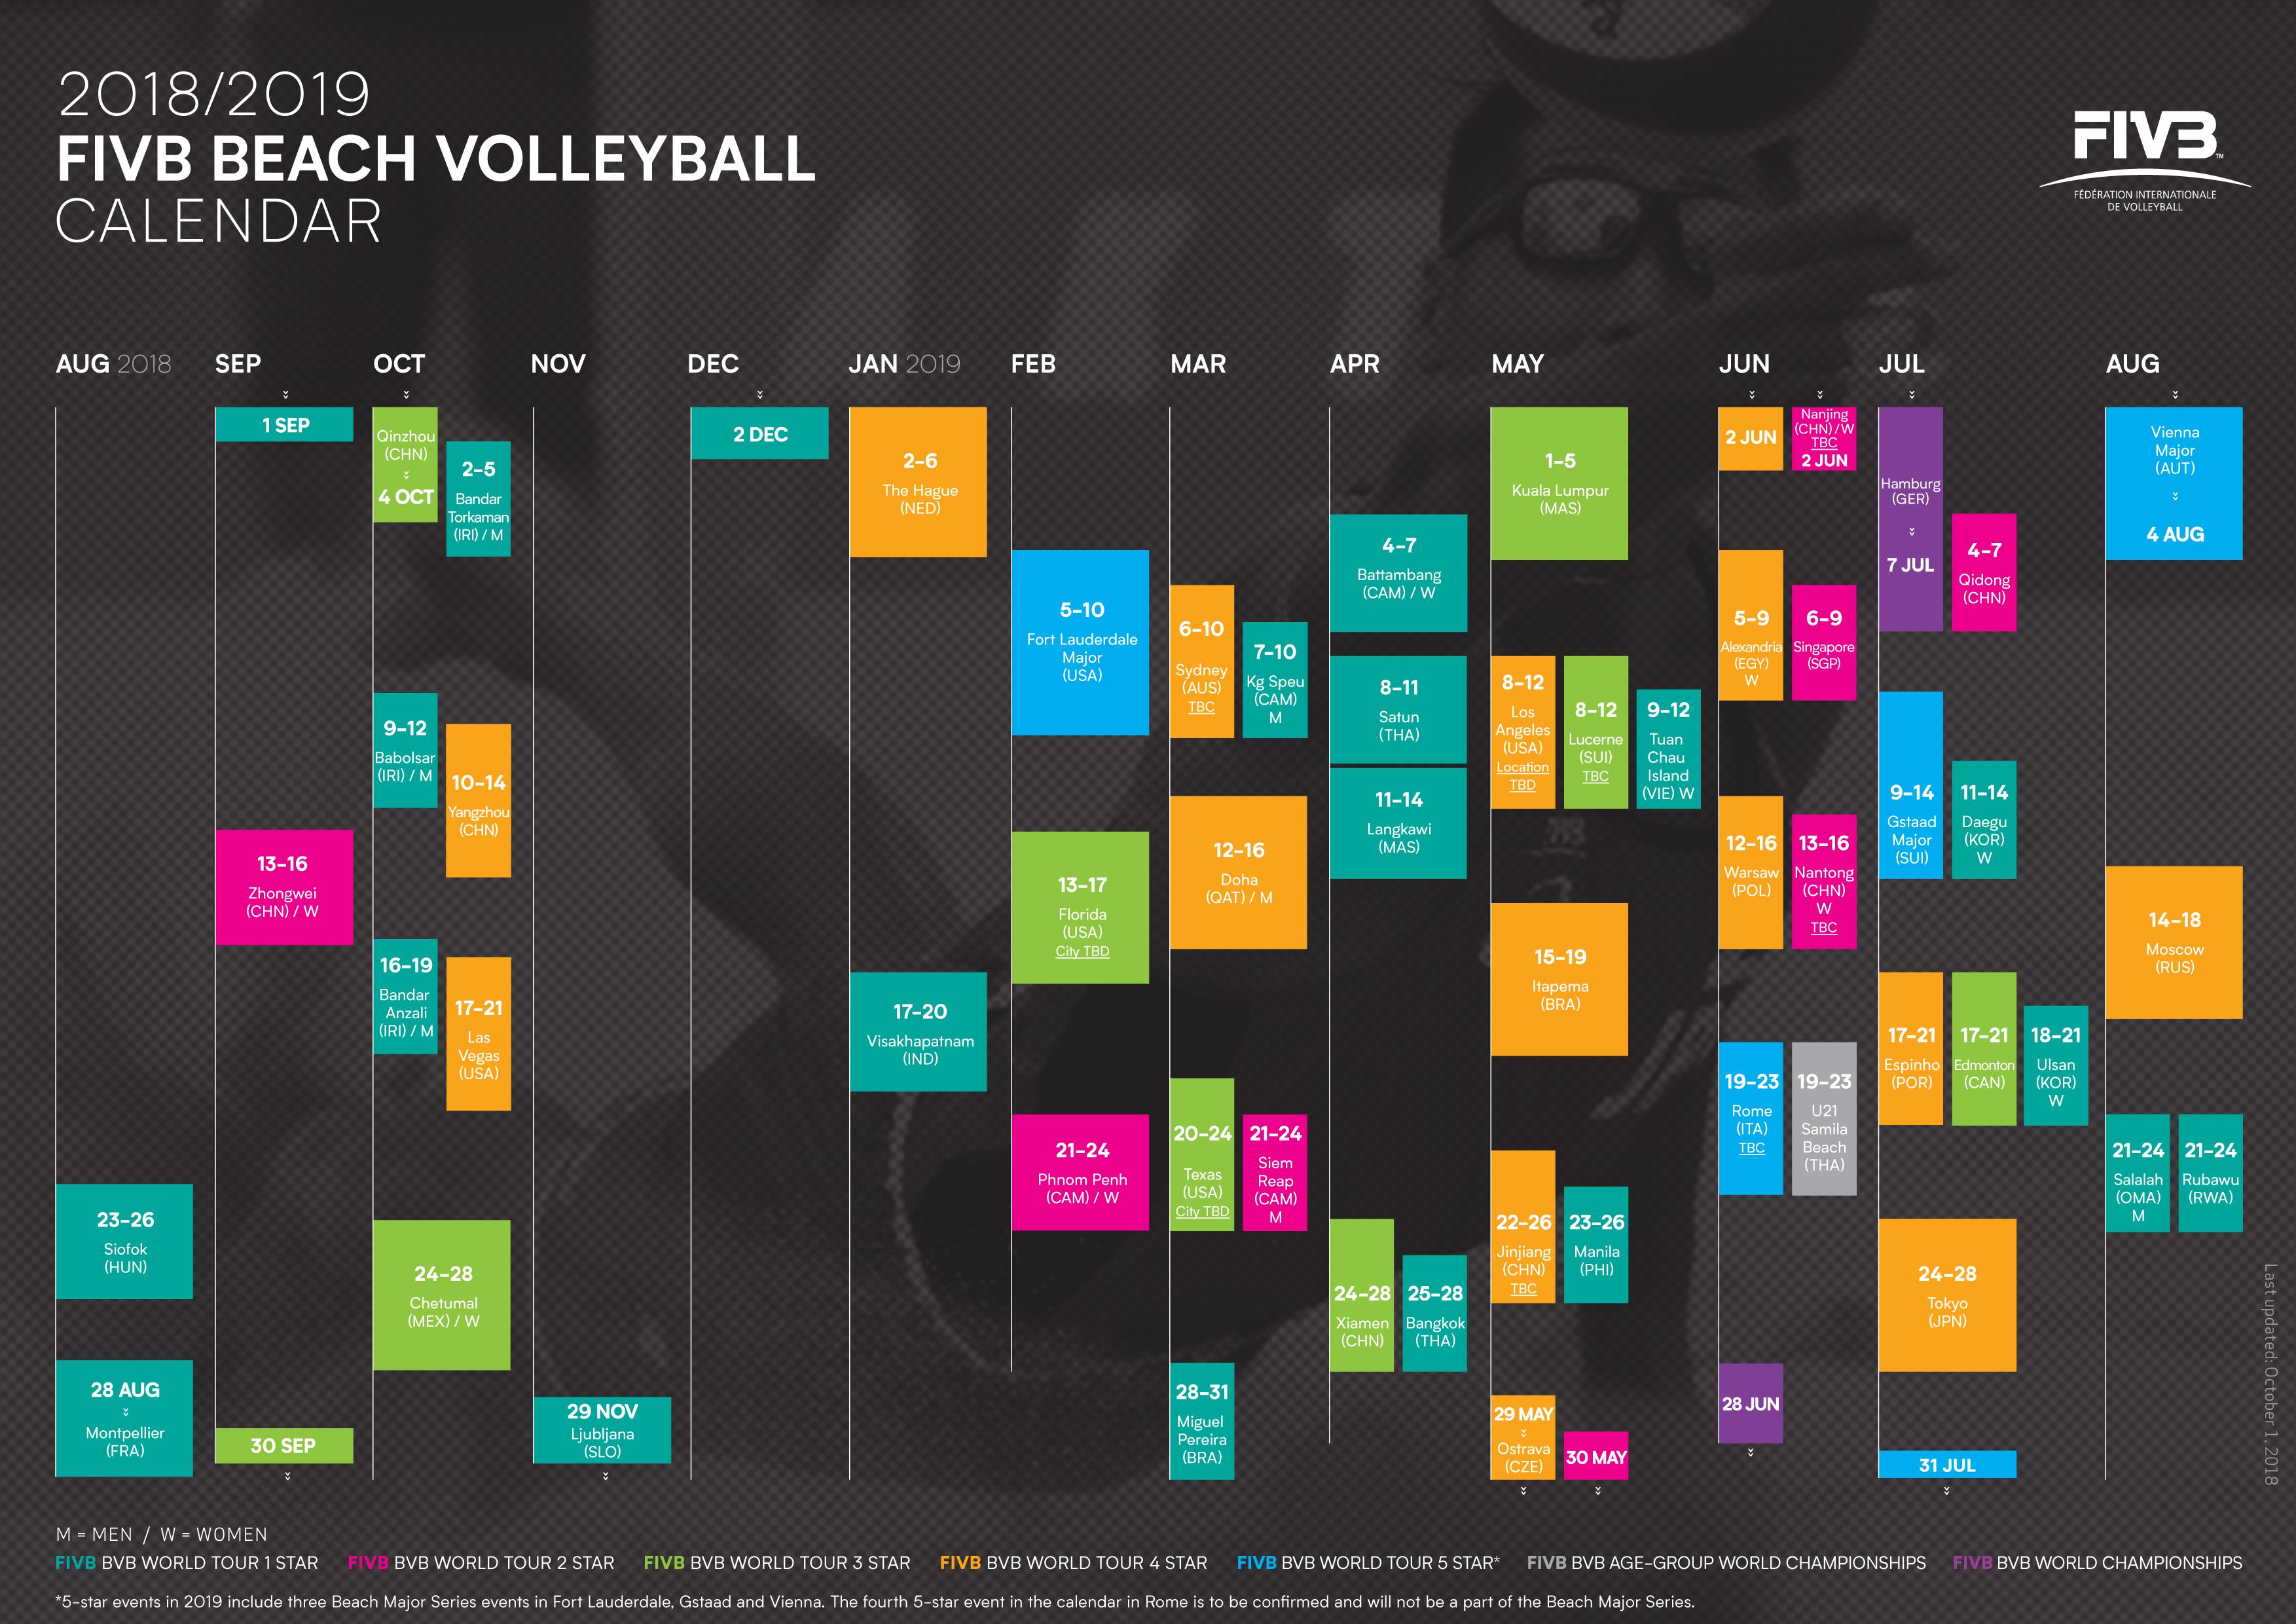 Calendario Serie A 18 19 Pdf.Fivb Beach Volleyball